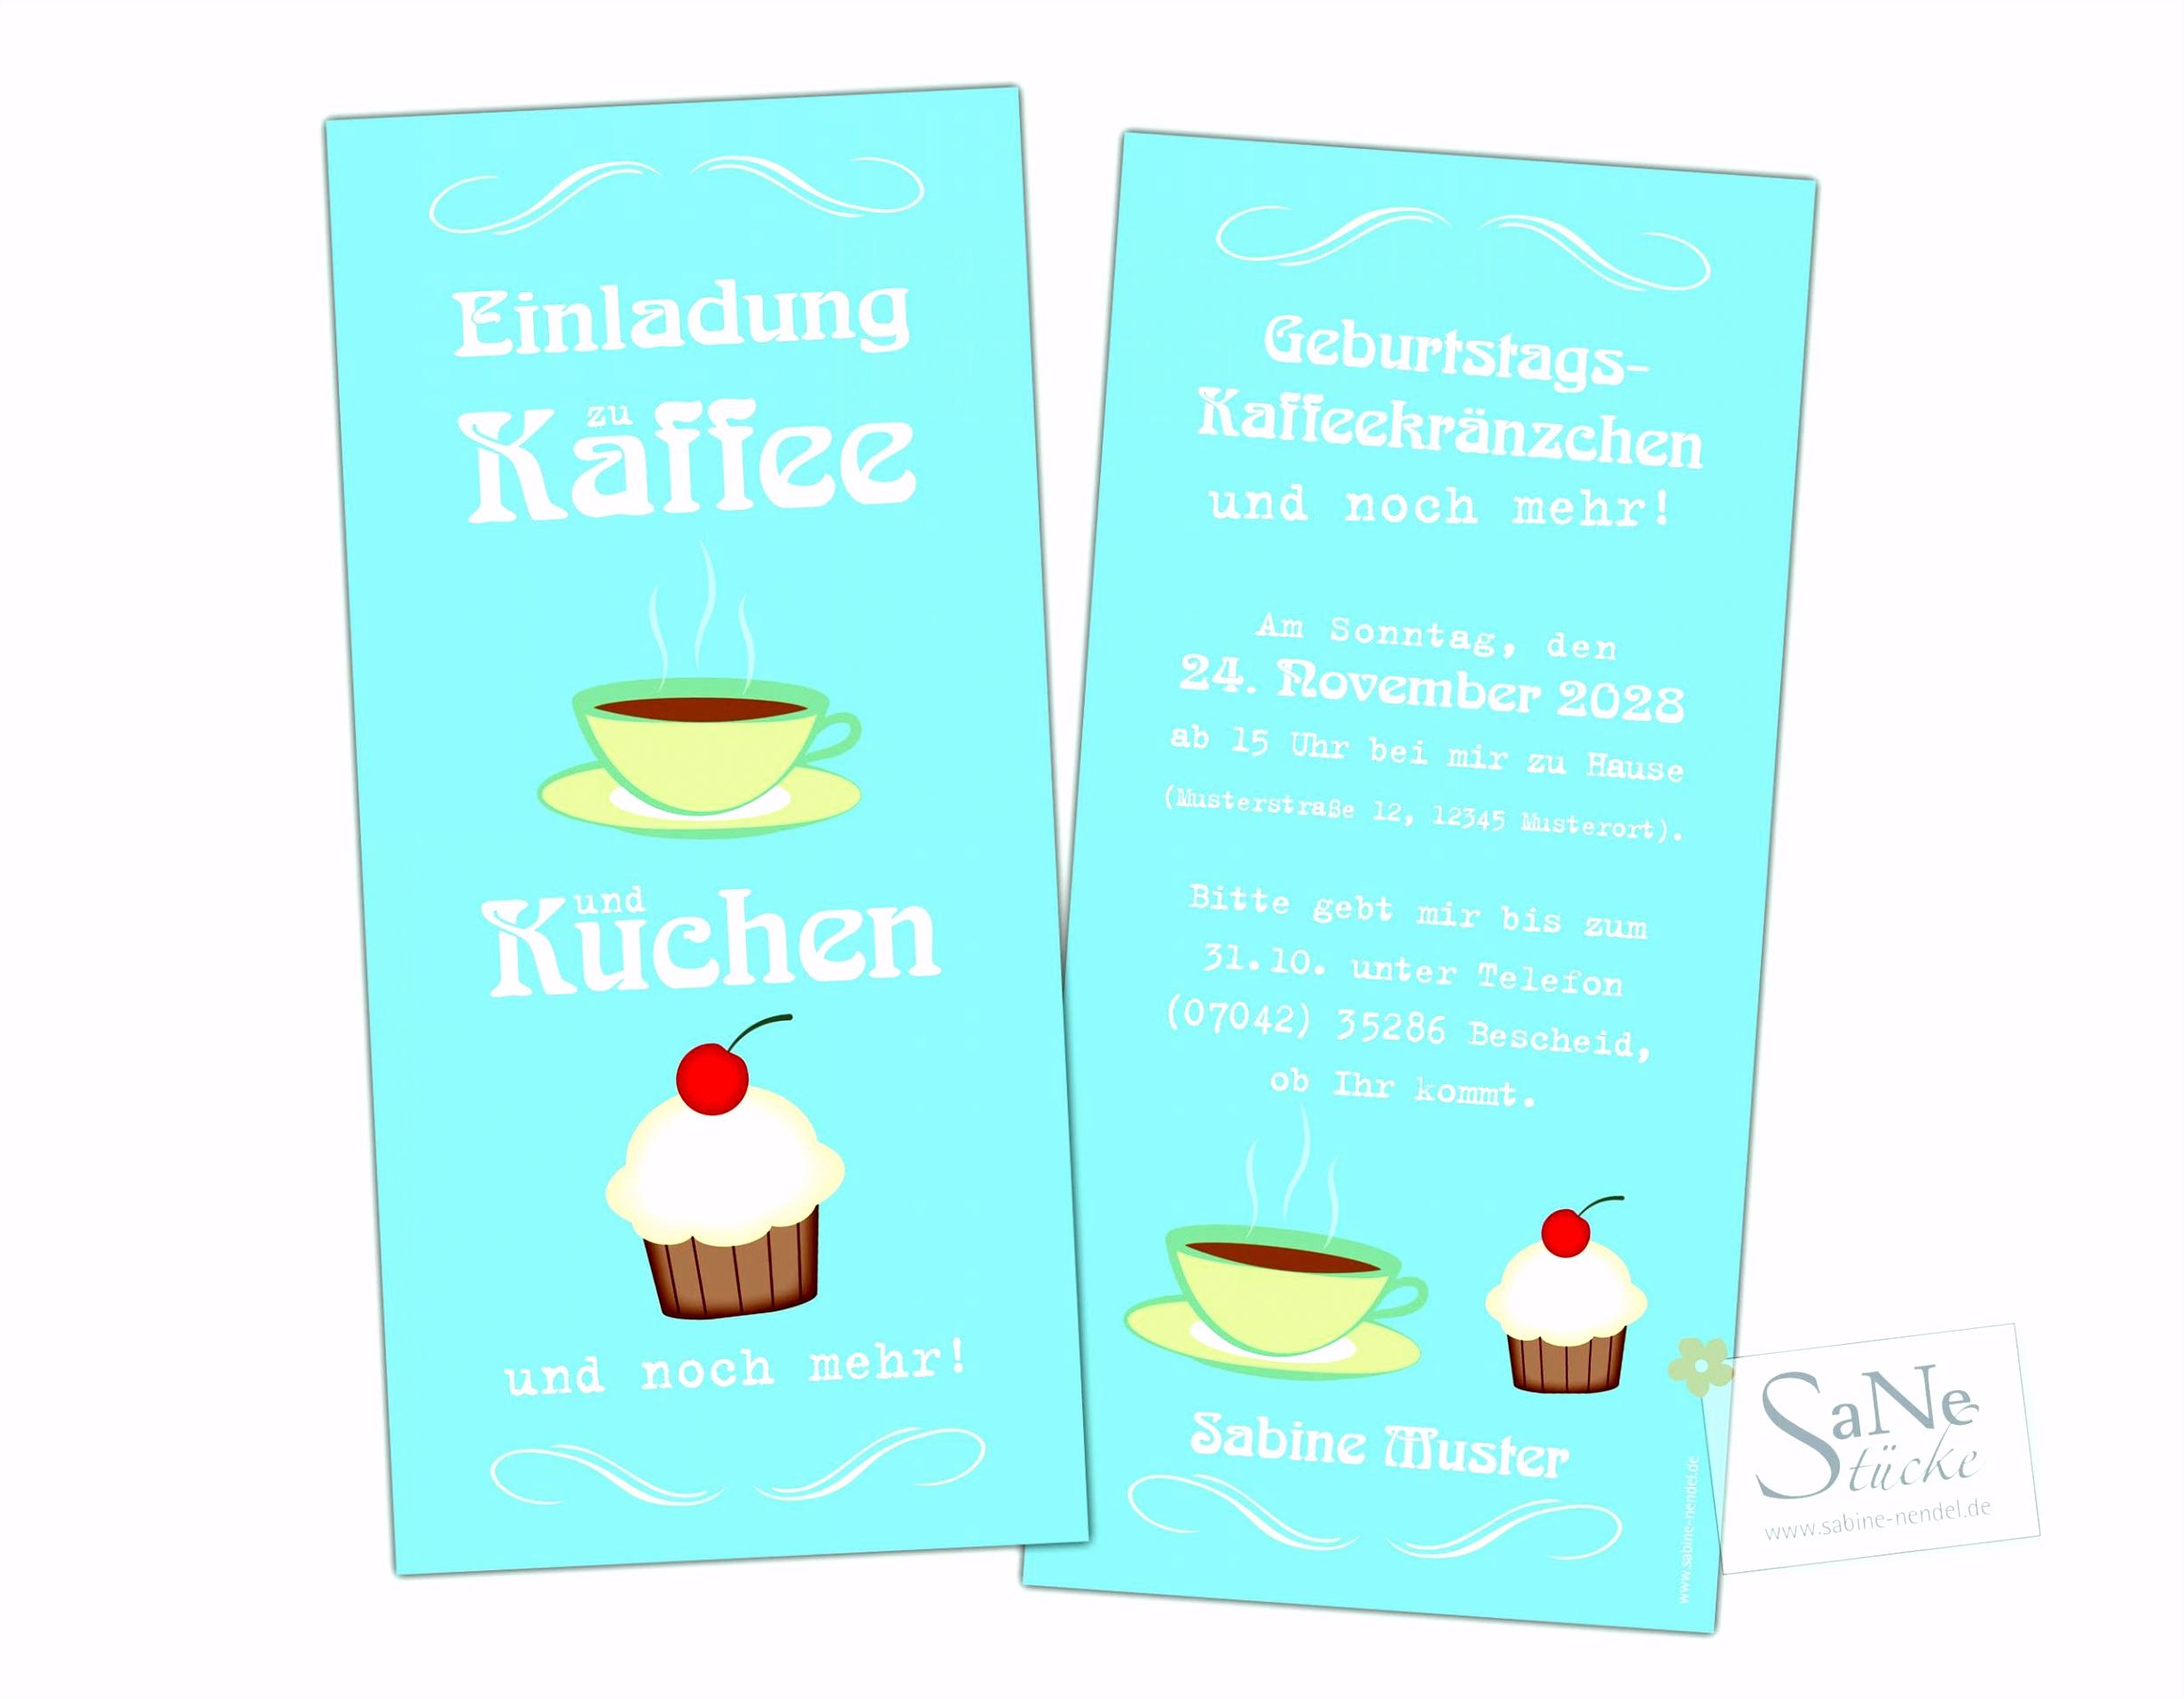 Einladung Kaffee Und Kuchen Genial 25 Einzigartig Einladung Zum